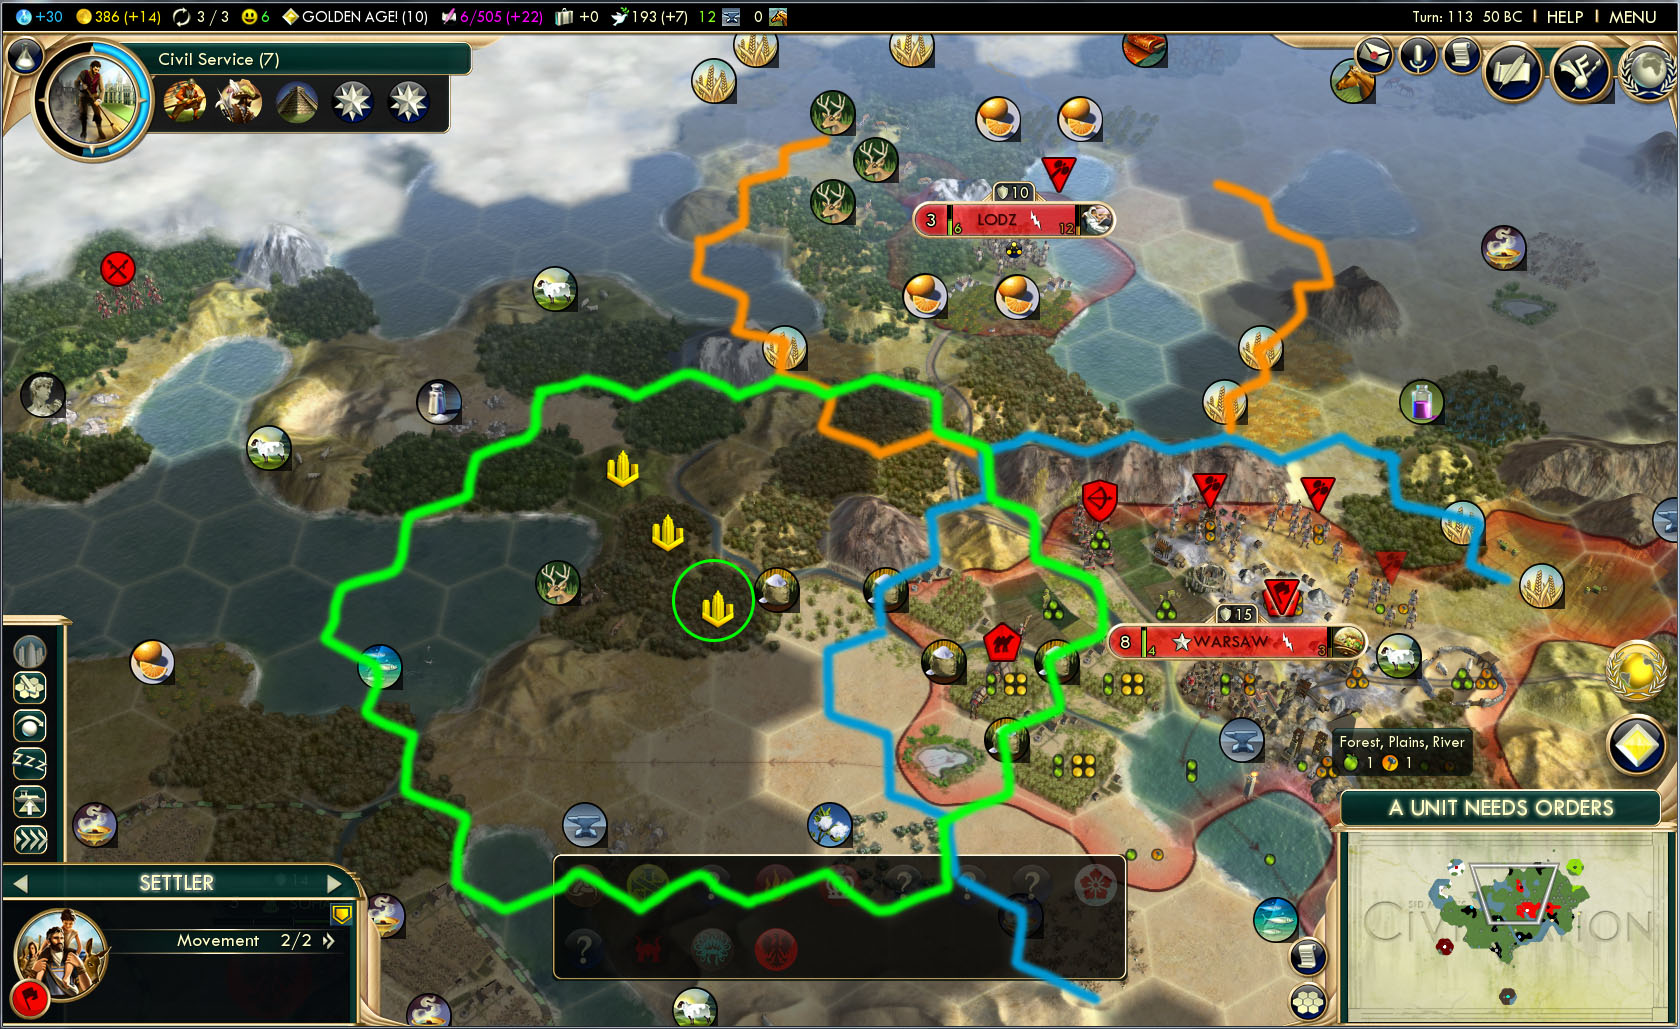 Civilization V wallpapers, Video Game, HQ Civilization V pictures